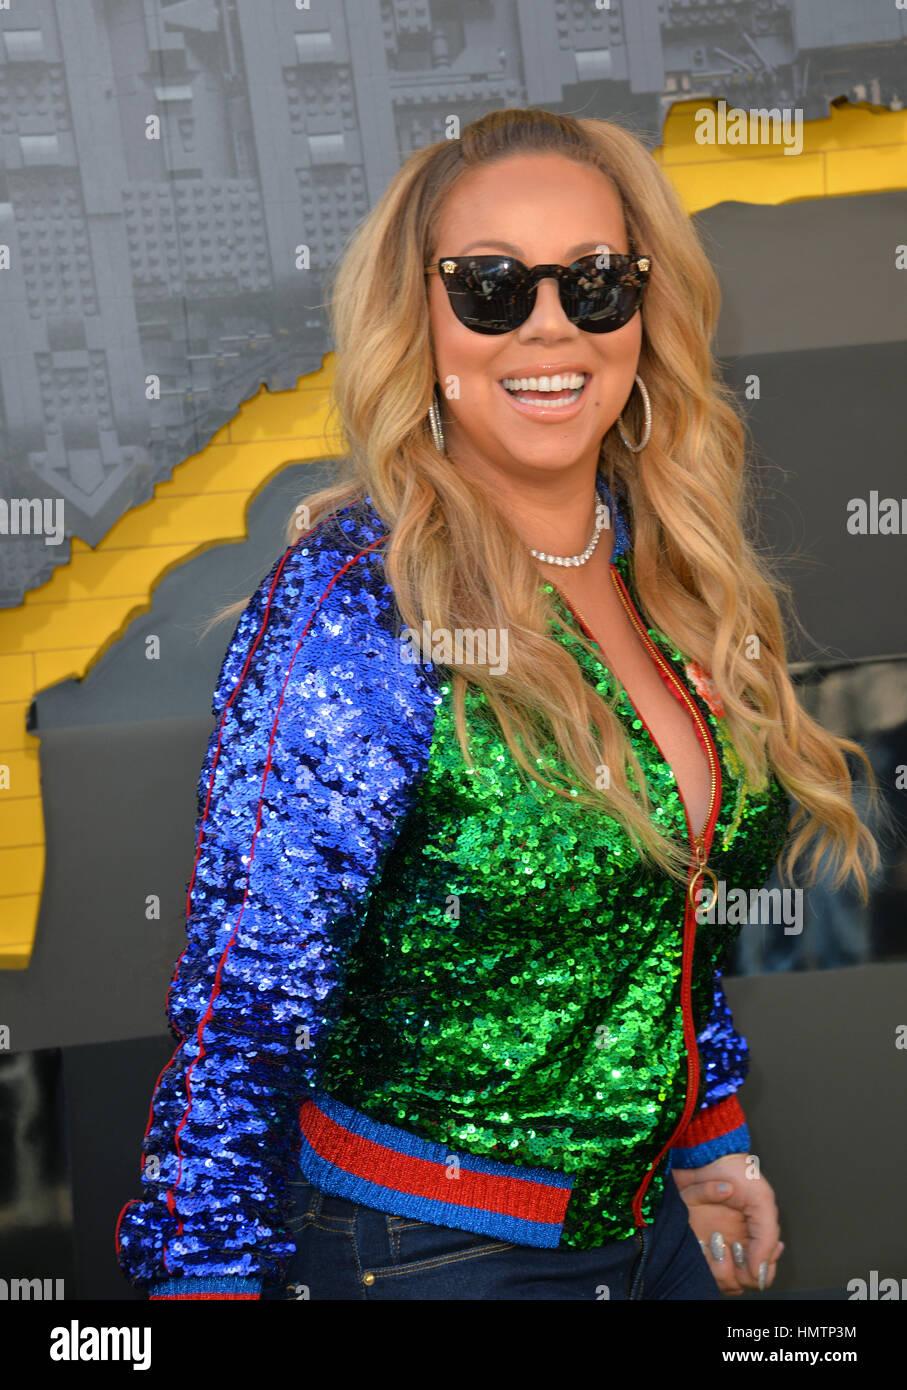 Los Angeles, Stati Uniti d'America. 4 febbraio, 2017. L'attrice e cantante Mariah Carey alla prima mondiale Immagini Stock